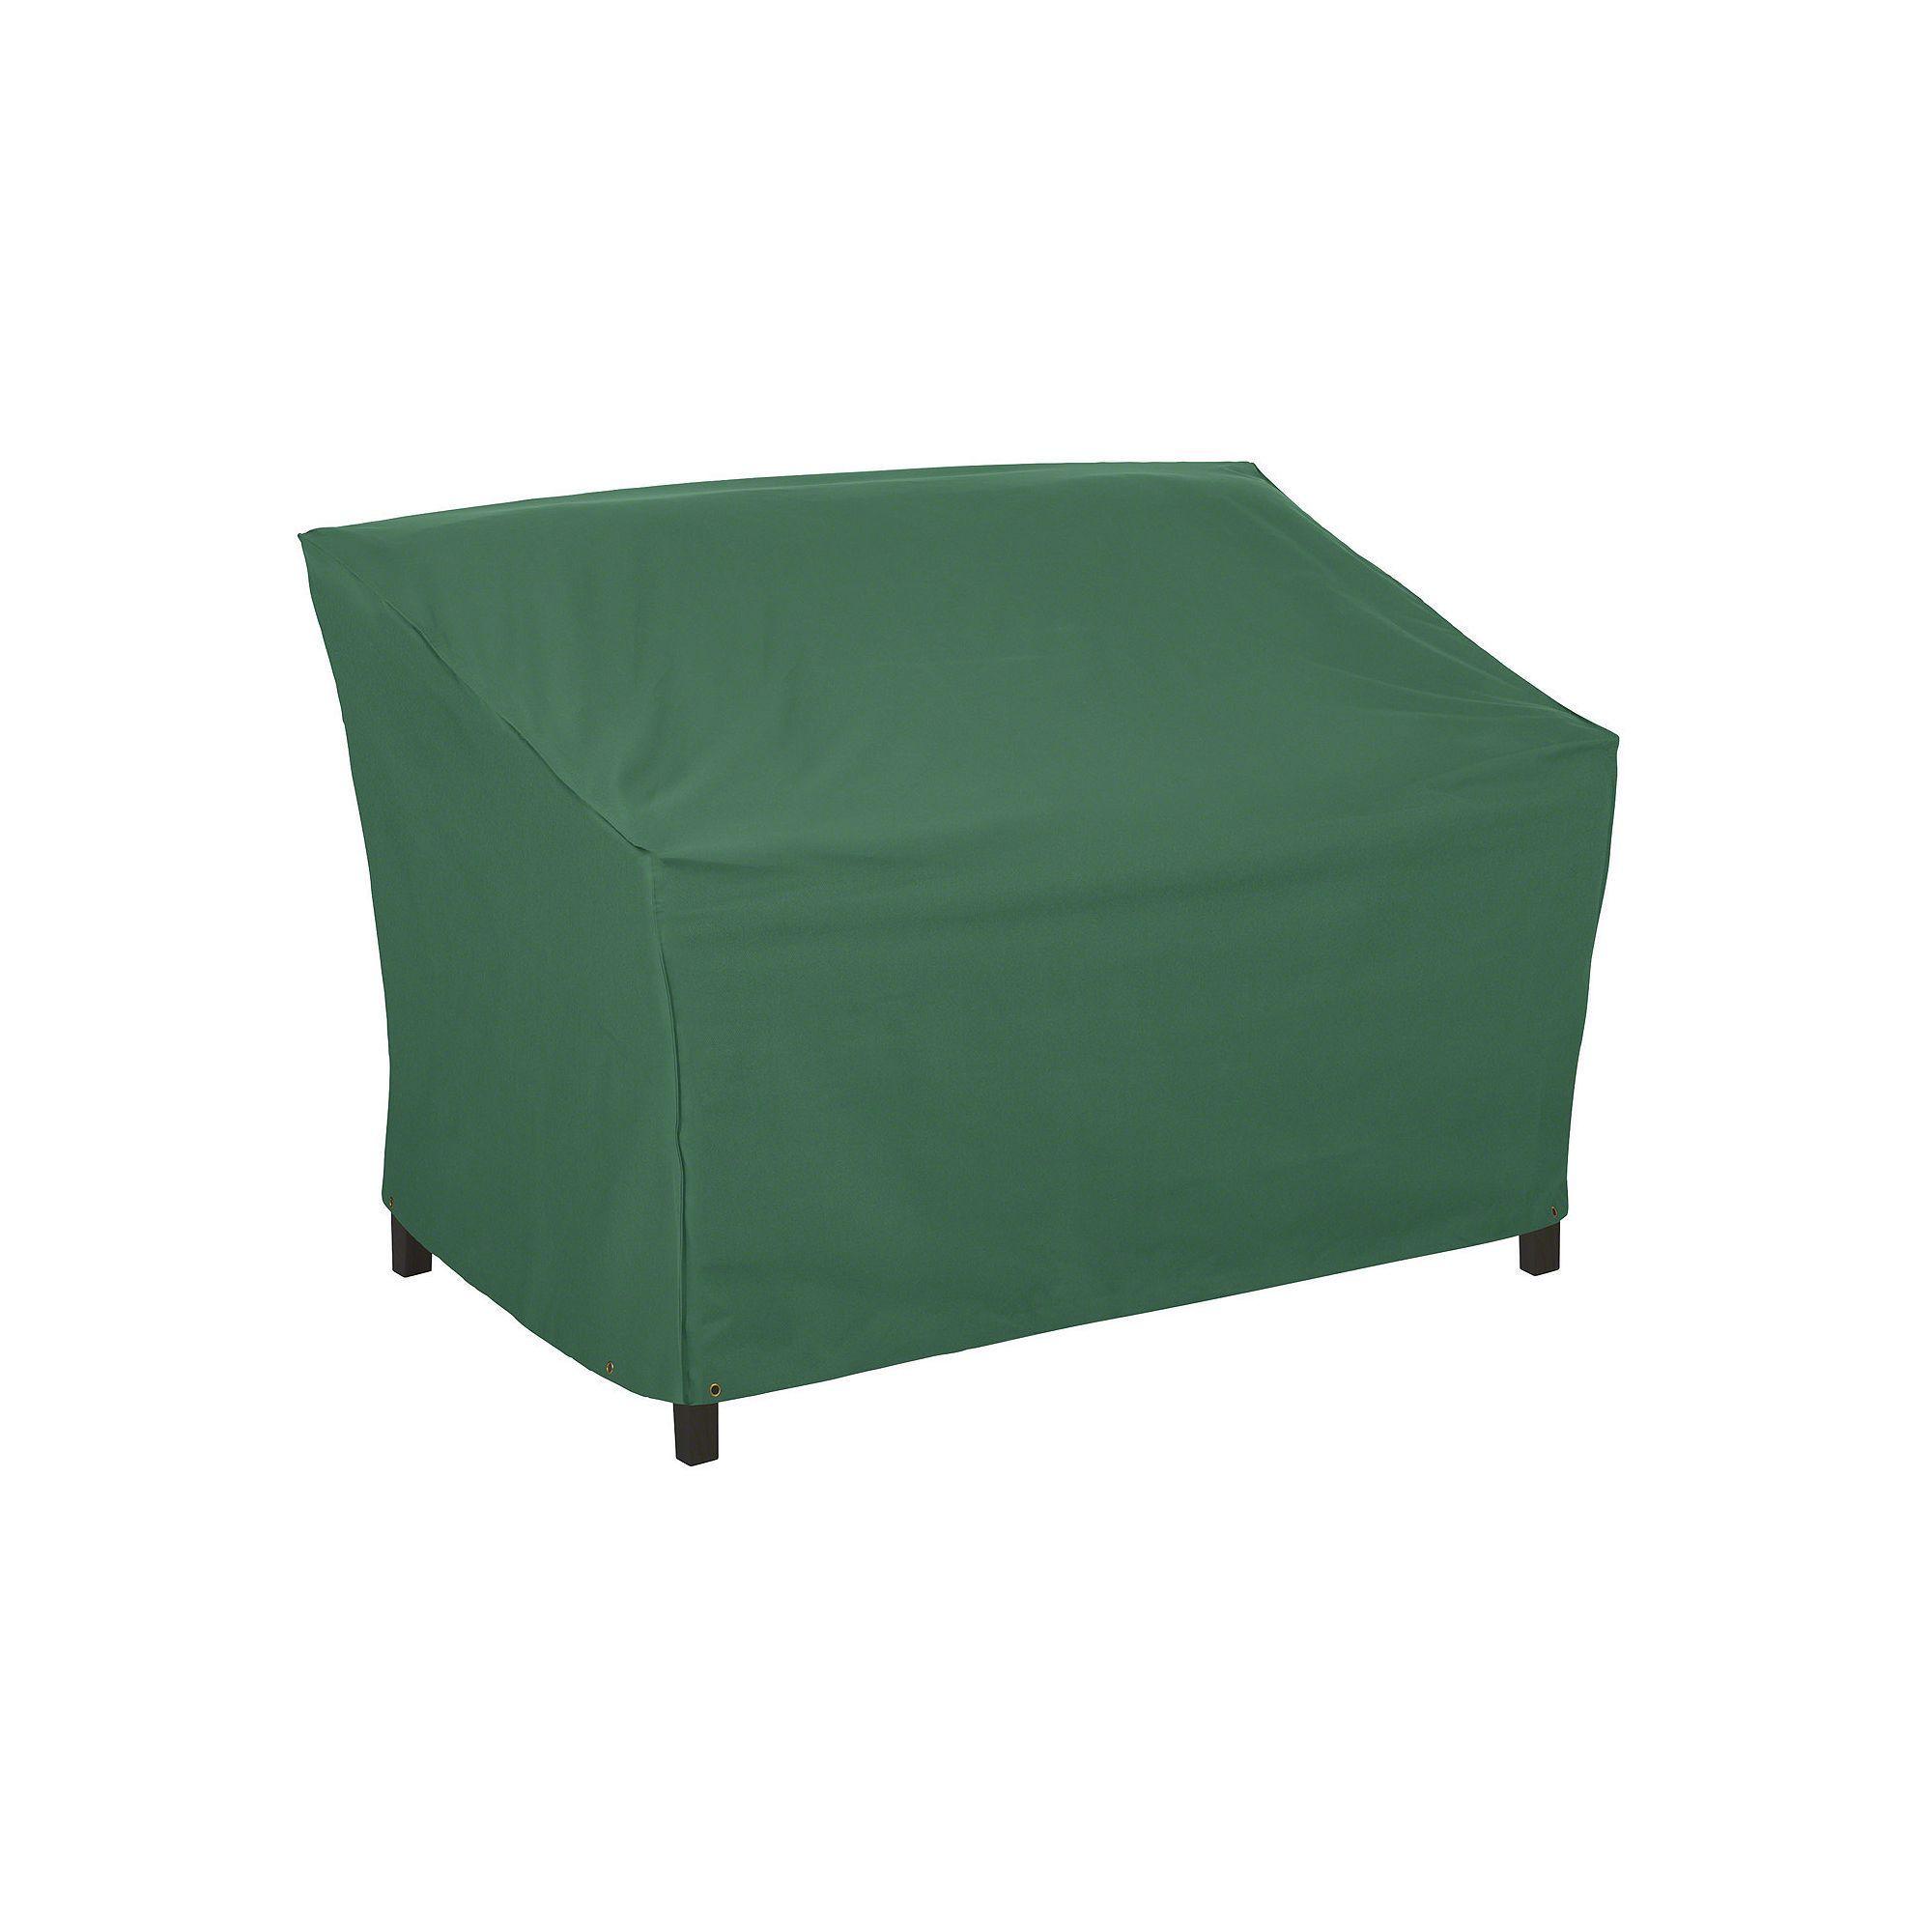 Outdoor Atrium Patio Sofa or Loveseat Cover Green